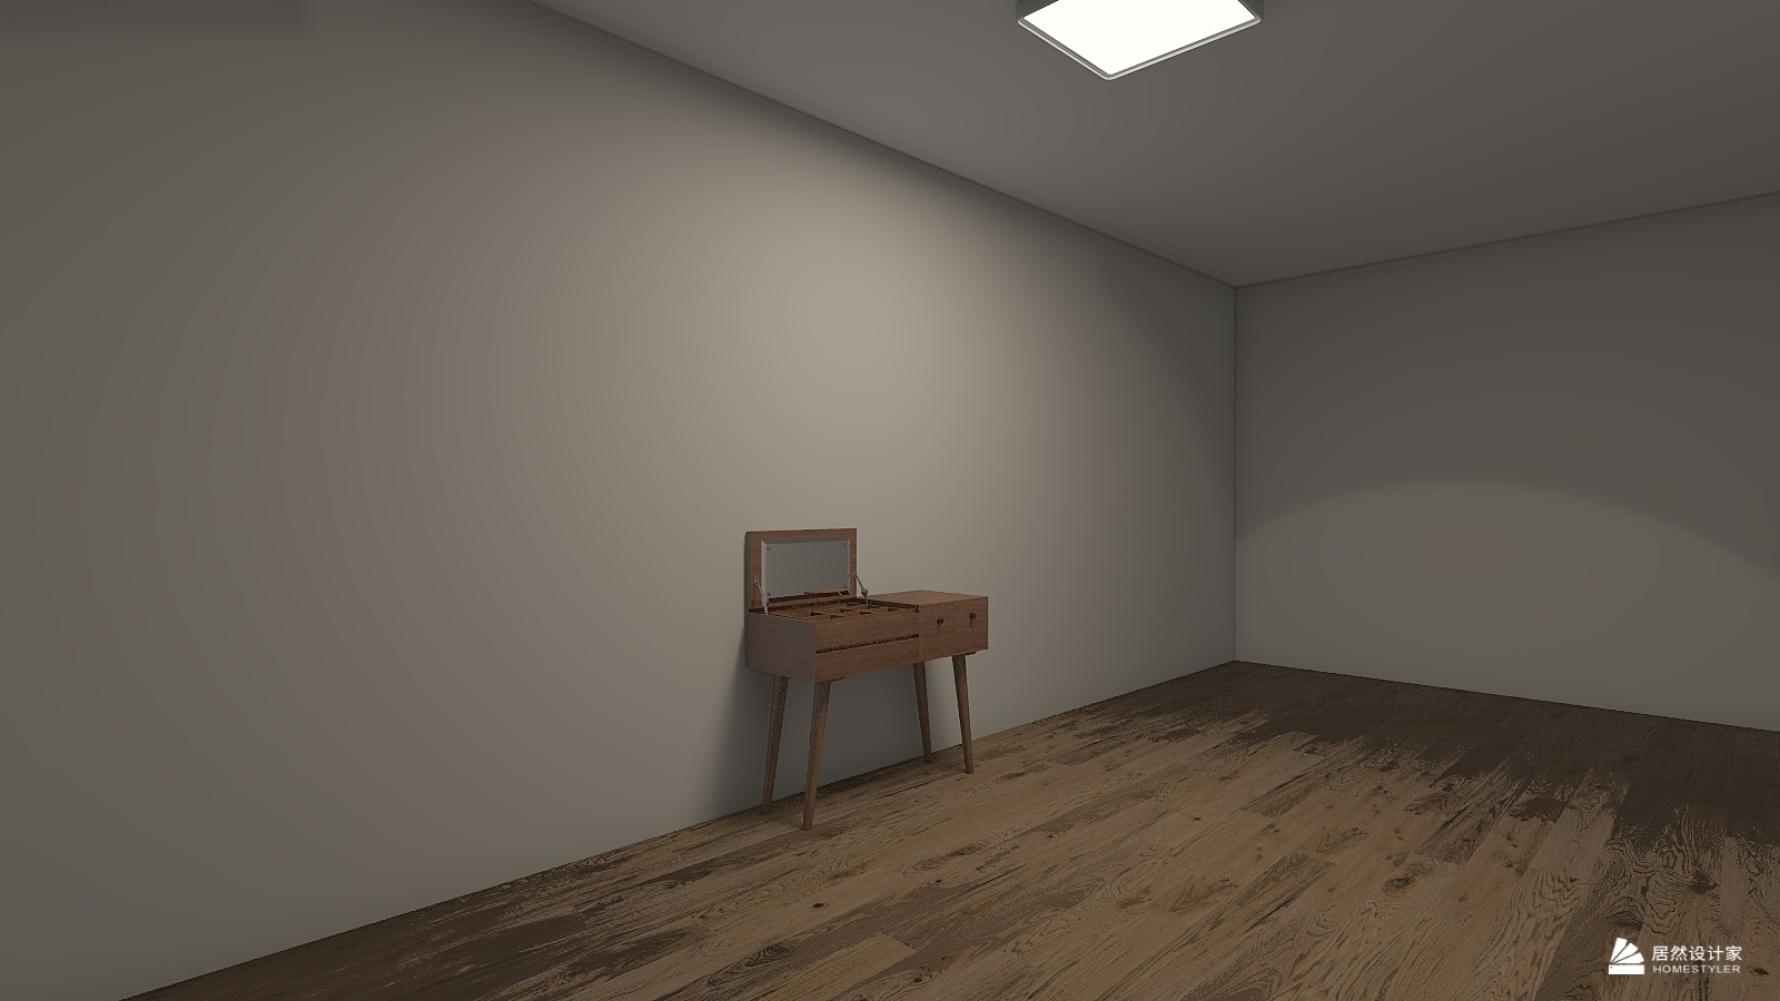 混搭风格一室一厅装修设计效果图